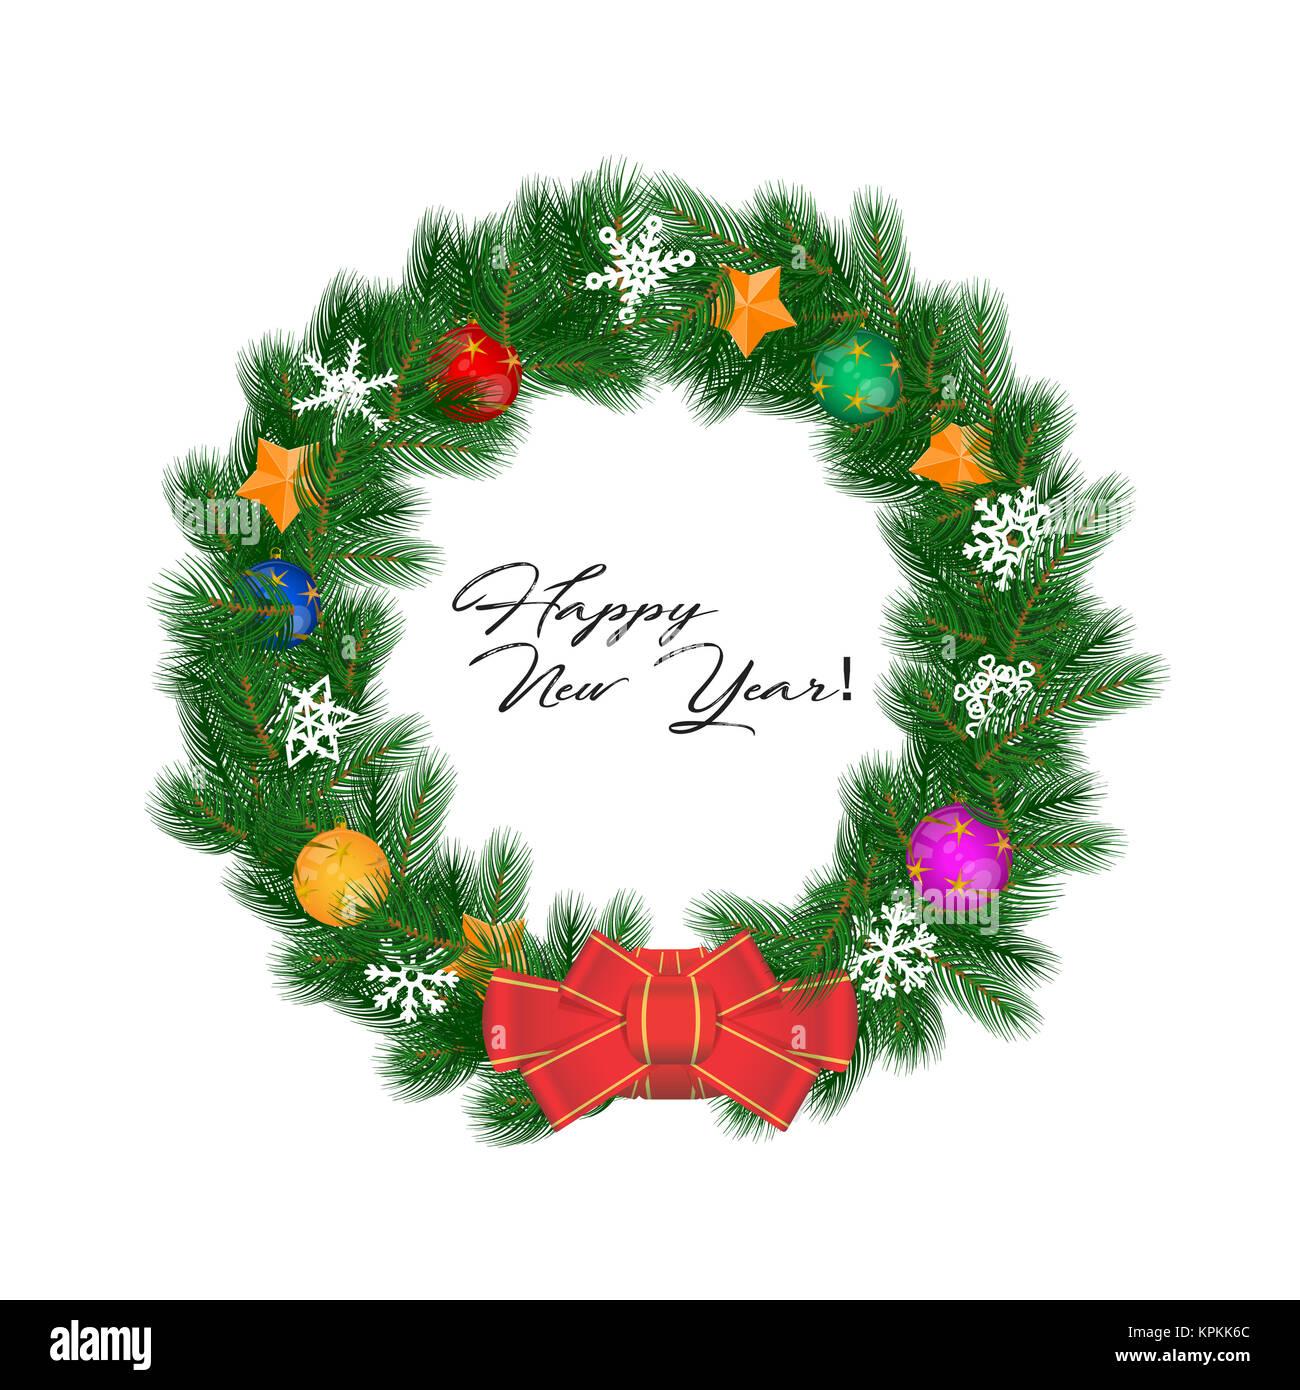 Kranz Aus Weihnachtskugeln.Weihnachten Kranz Illustration Isoliert Auf Weiss Roten